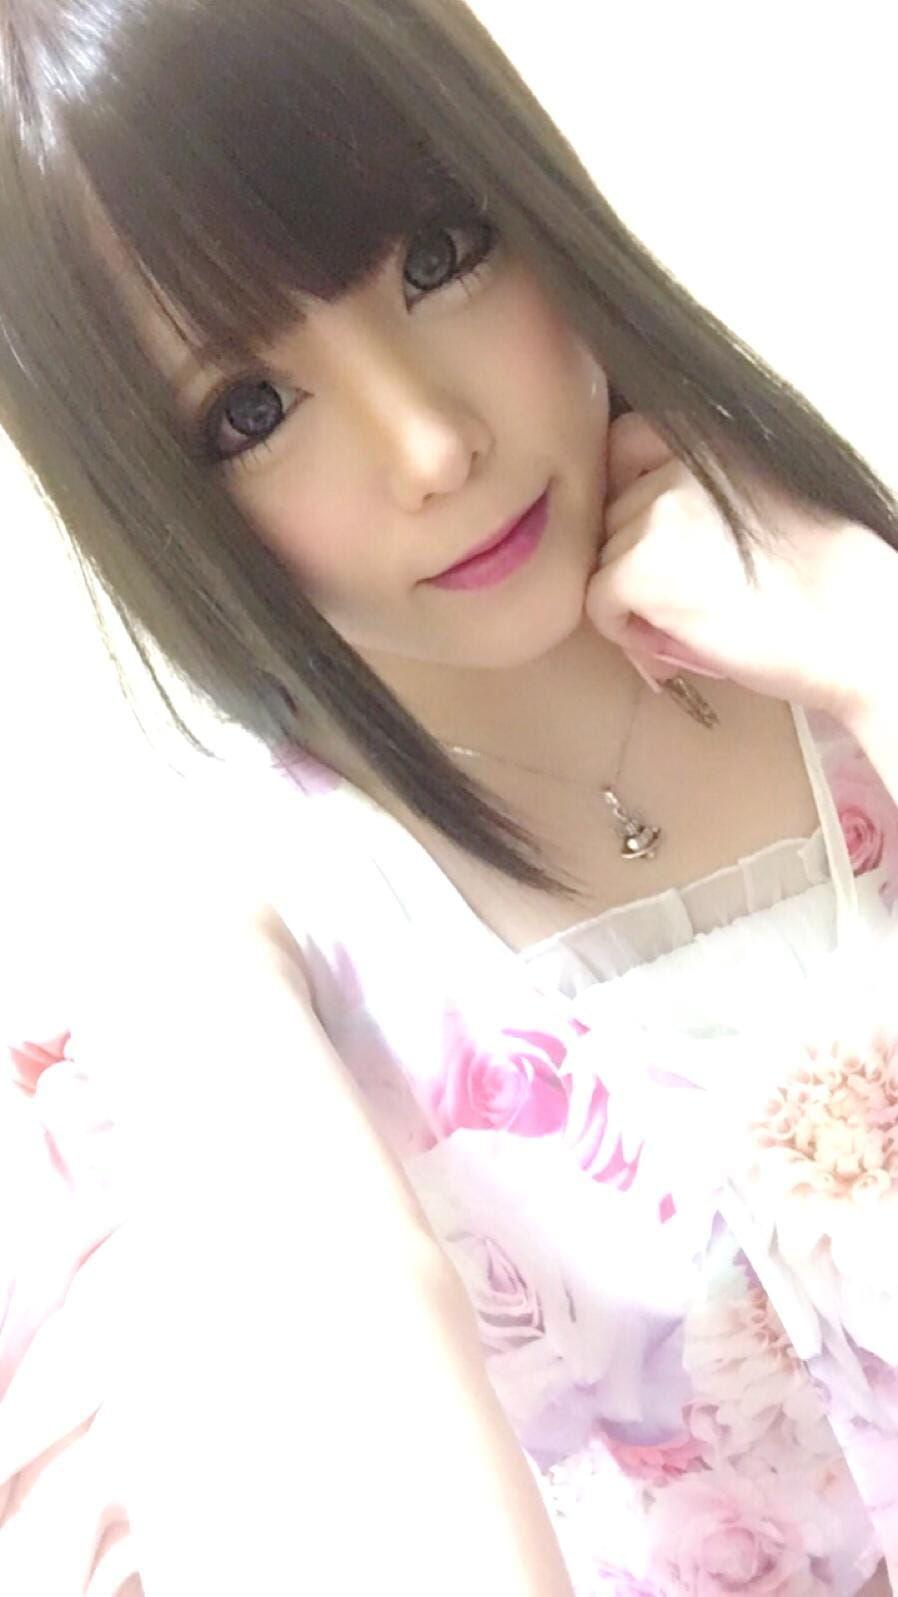 「おはよう??」08/12(日) 10:59 | ありす.の写メ・風俗動画